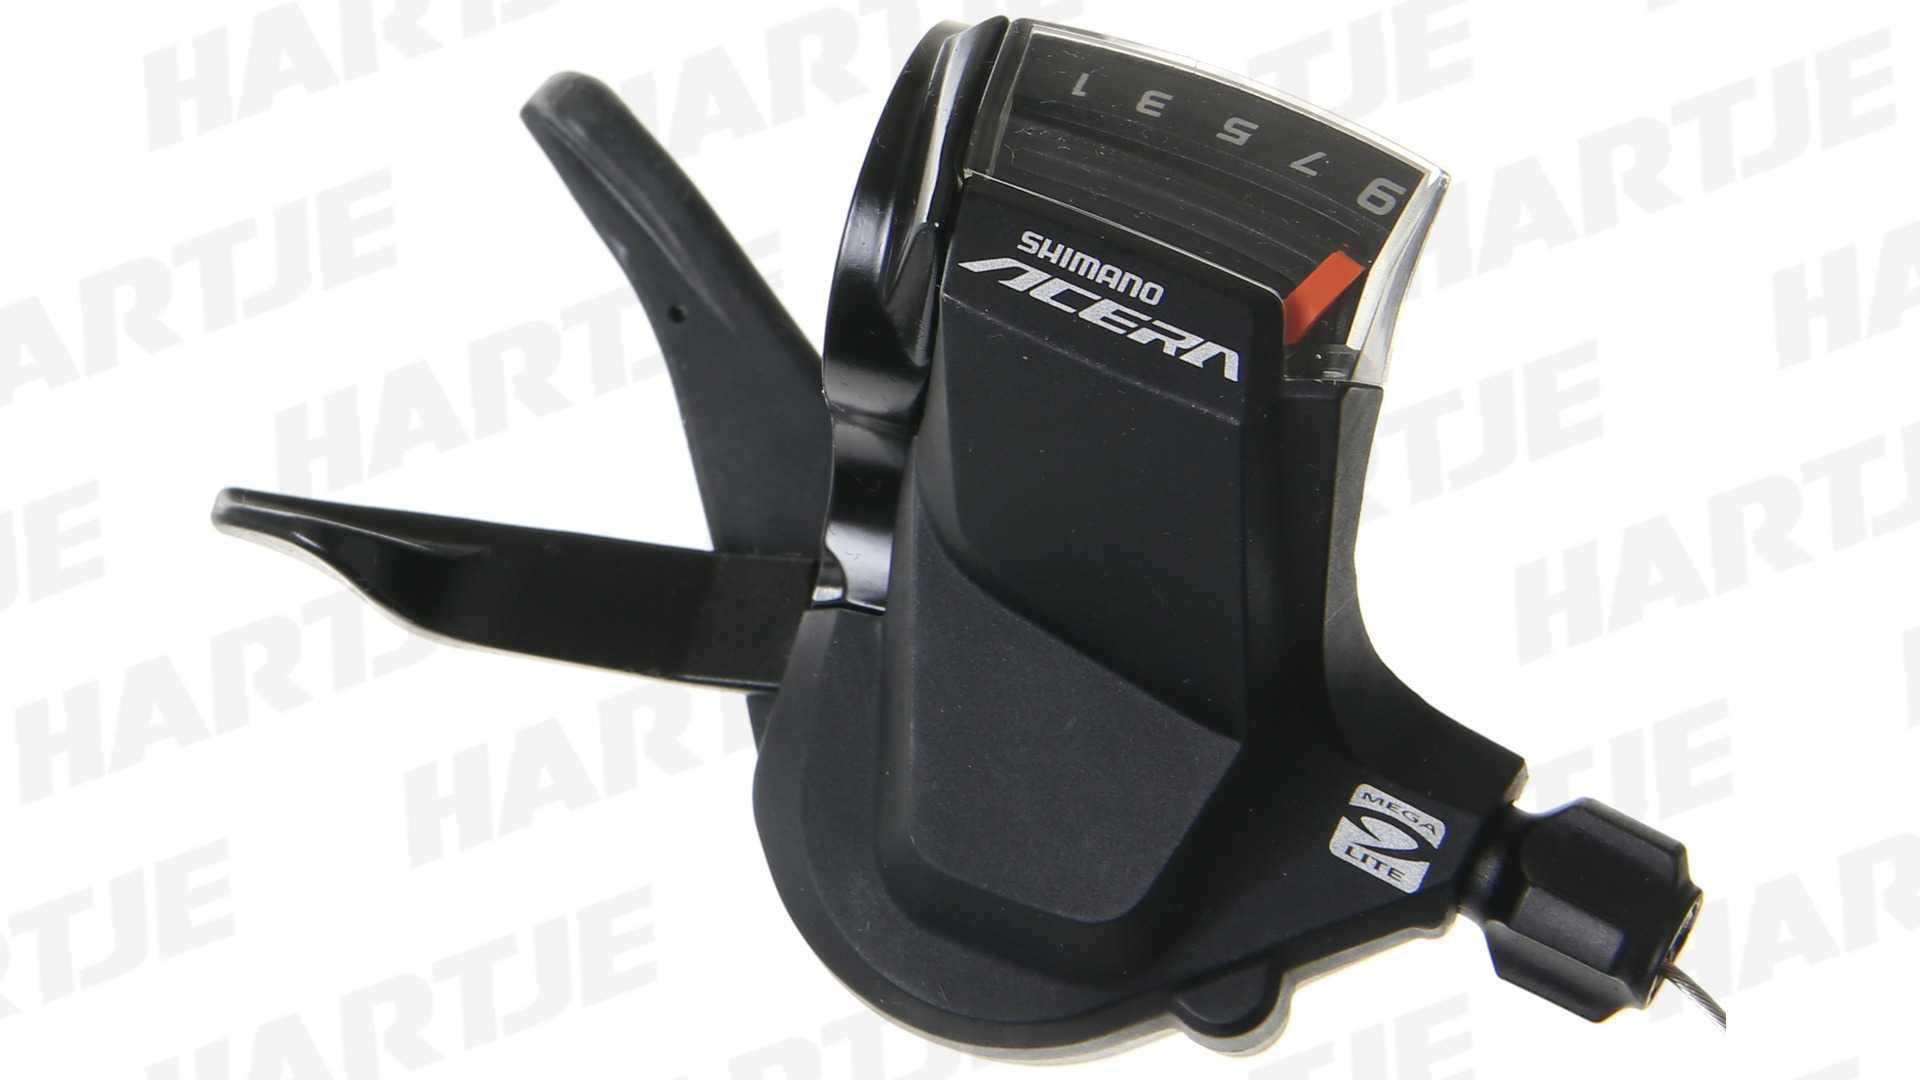 Shimano Trigger shifter acera sl-m3000 2017 9-speed right